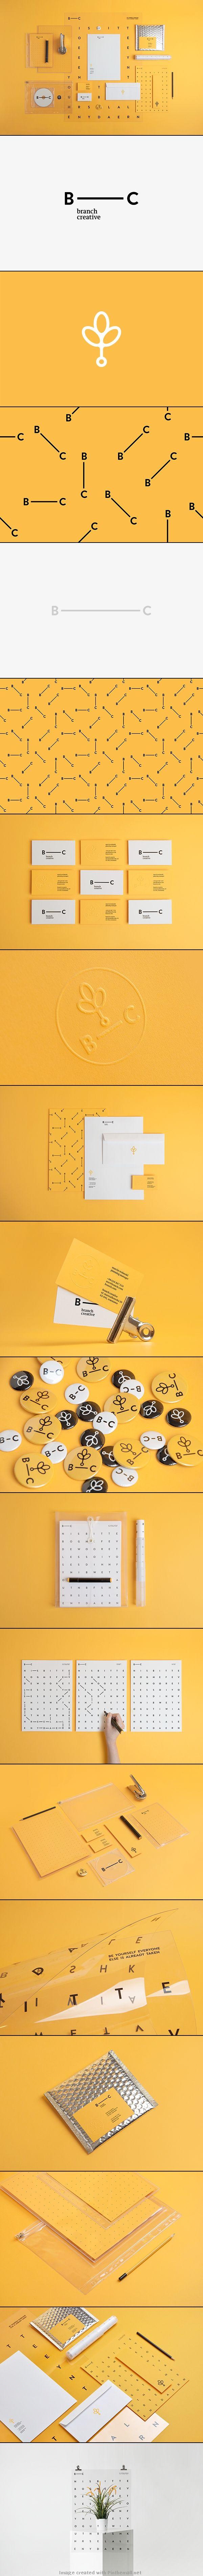 Bunch Creative  https://www.behance.net/gallery/Branch-Creative/14449321 - created via http://pinthemall.net